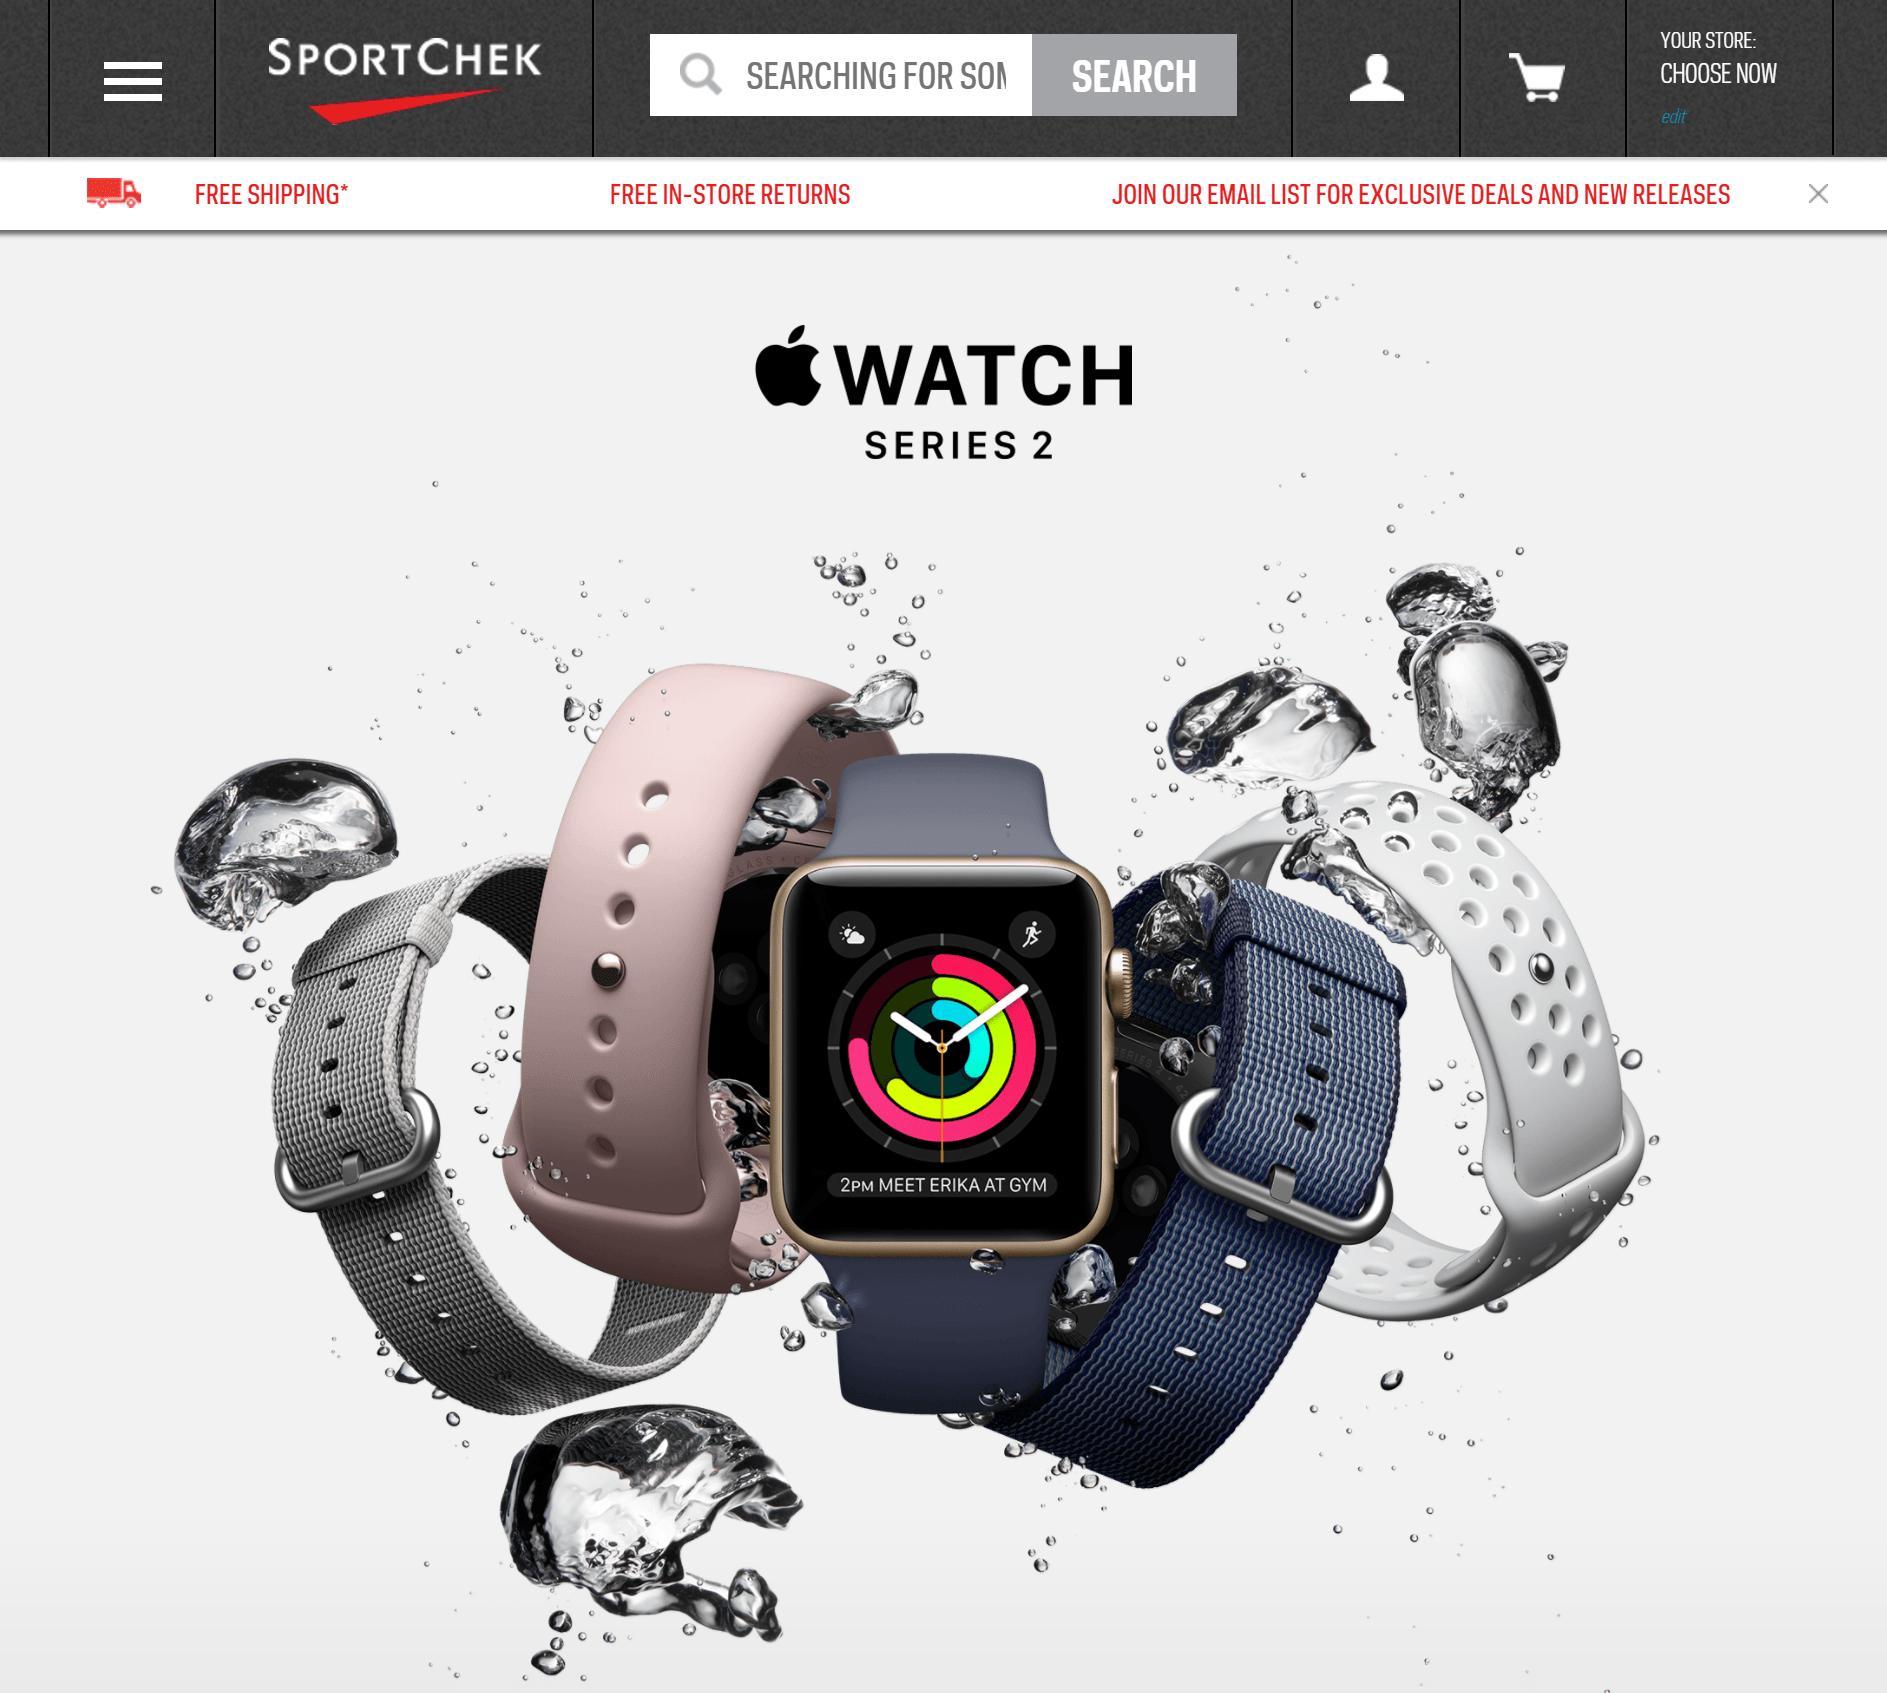 Apple Watch Sport Chek